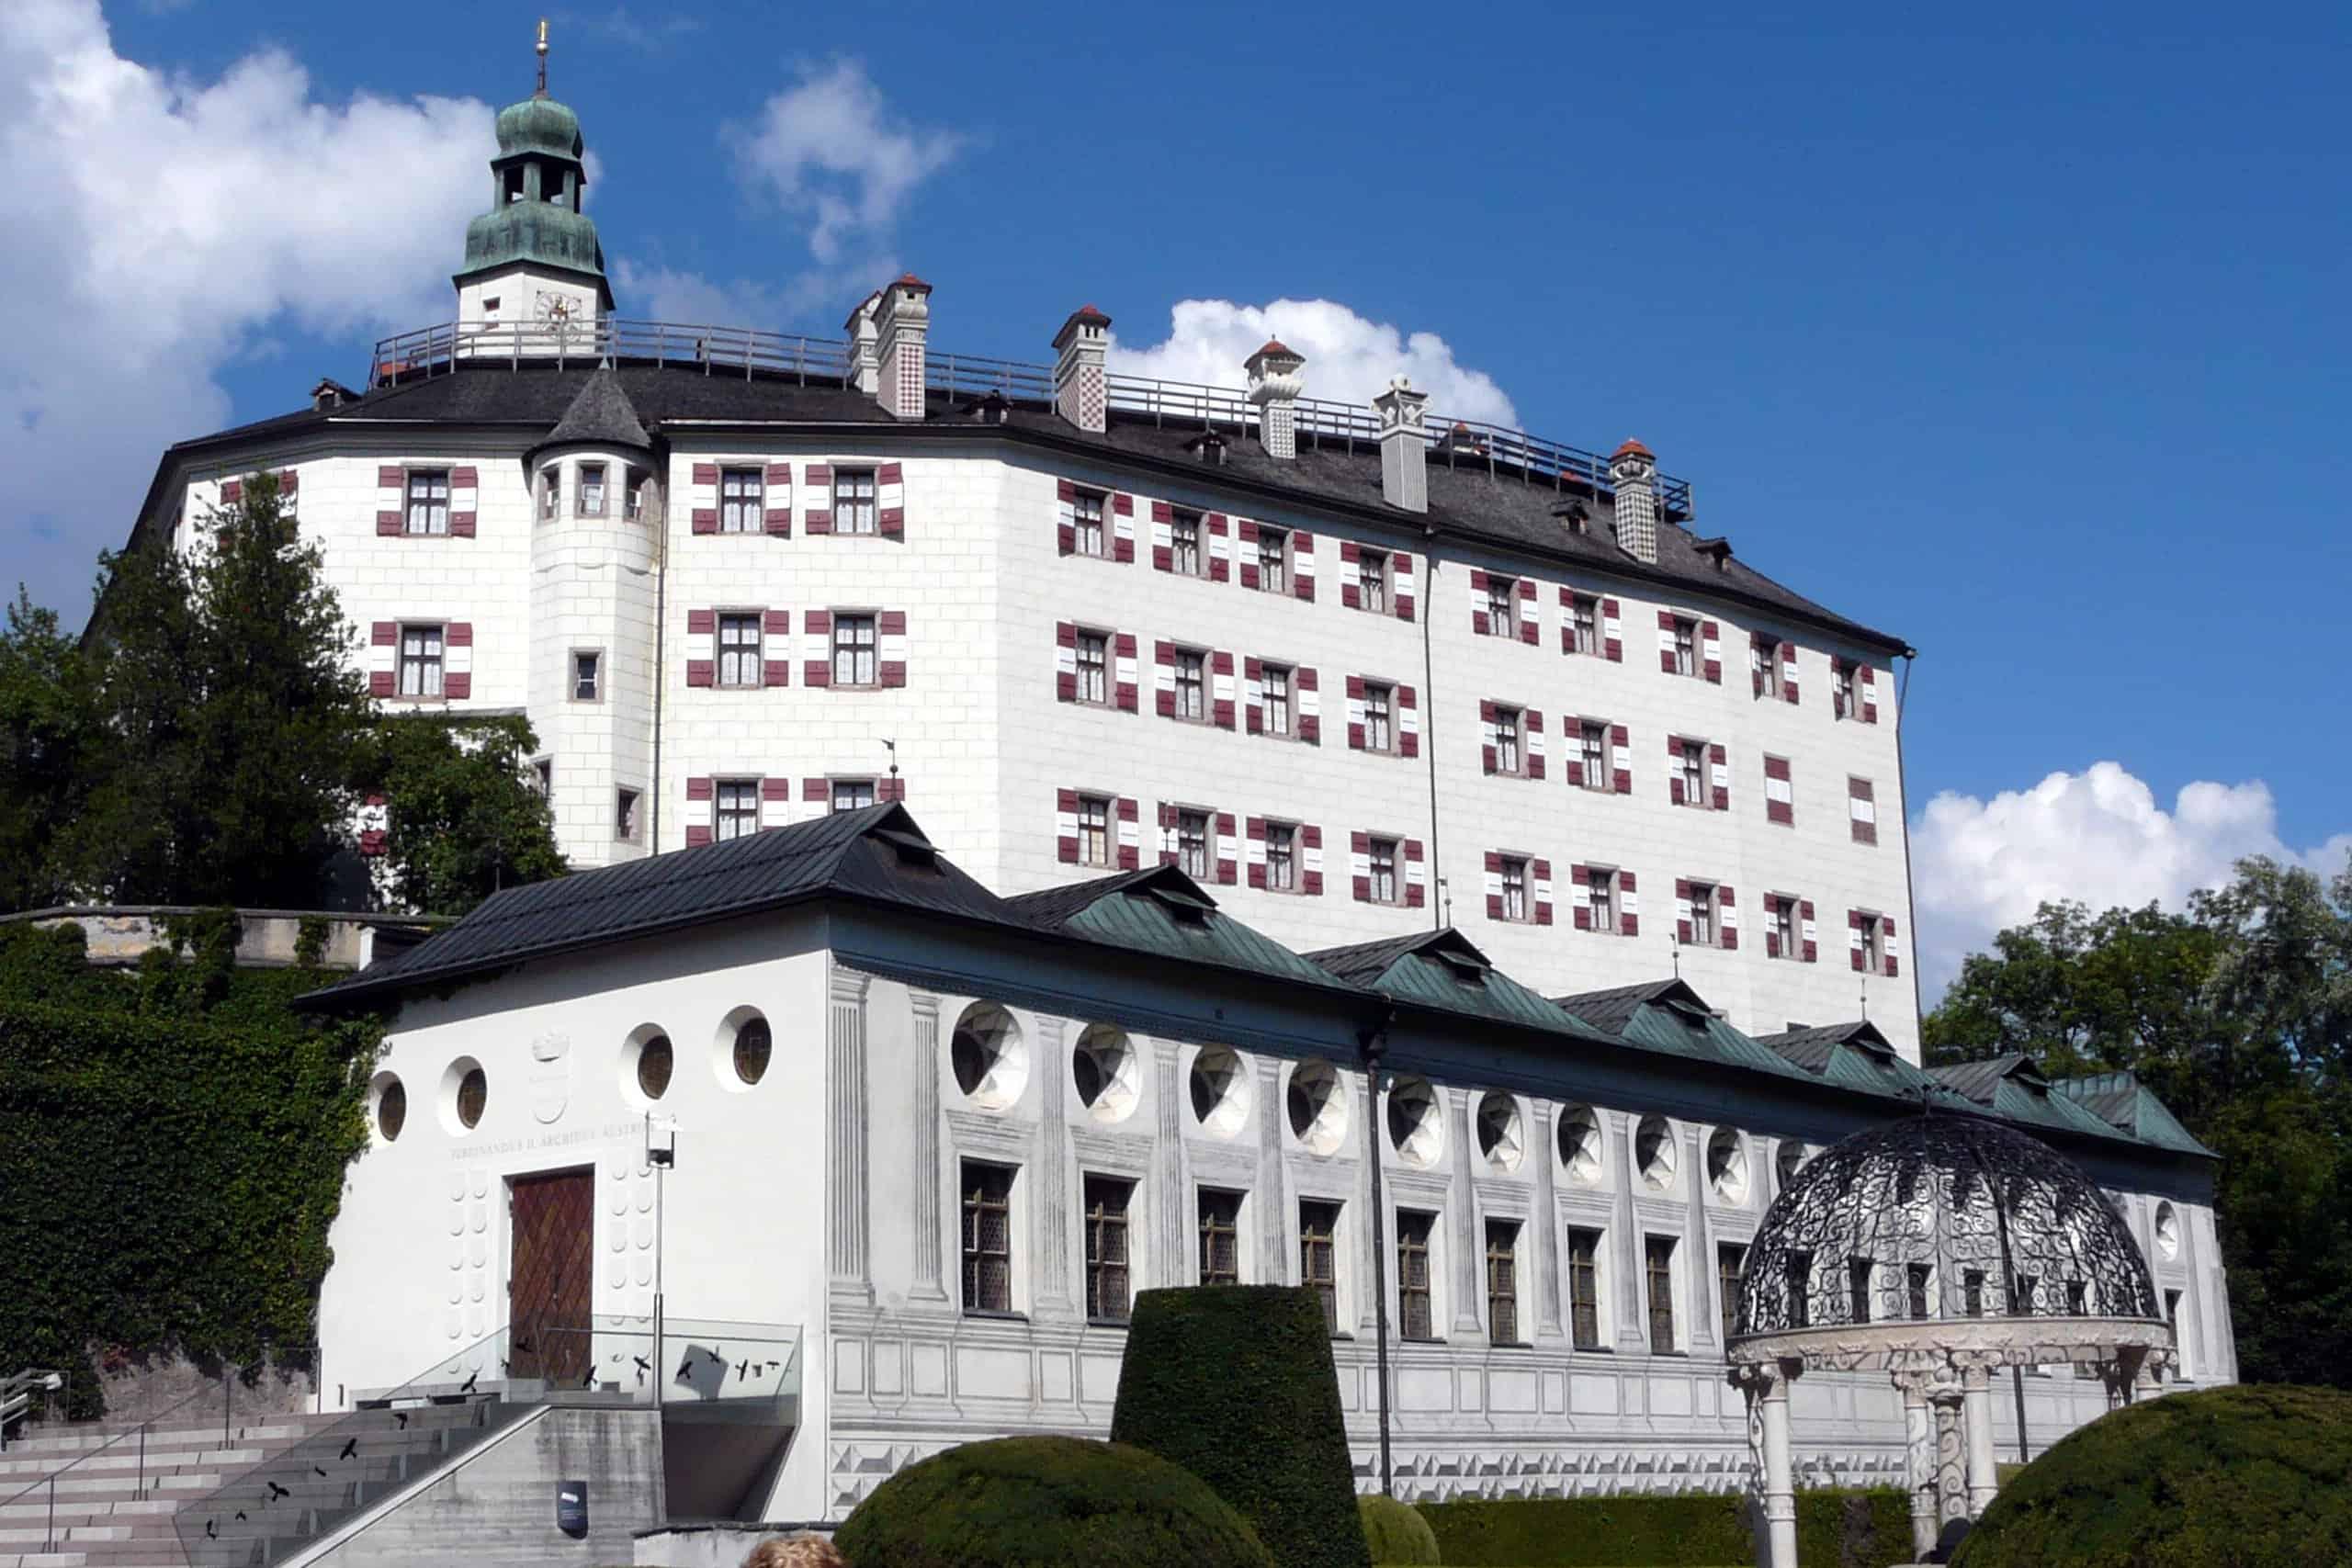 أفضل 6 أنشطة في قلعة امبراس انسبروك النمسا